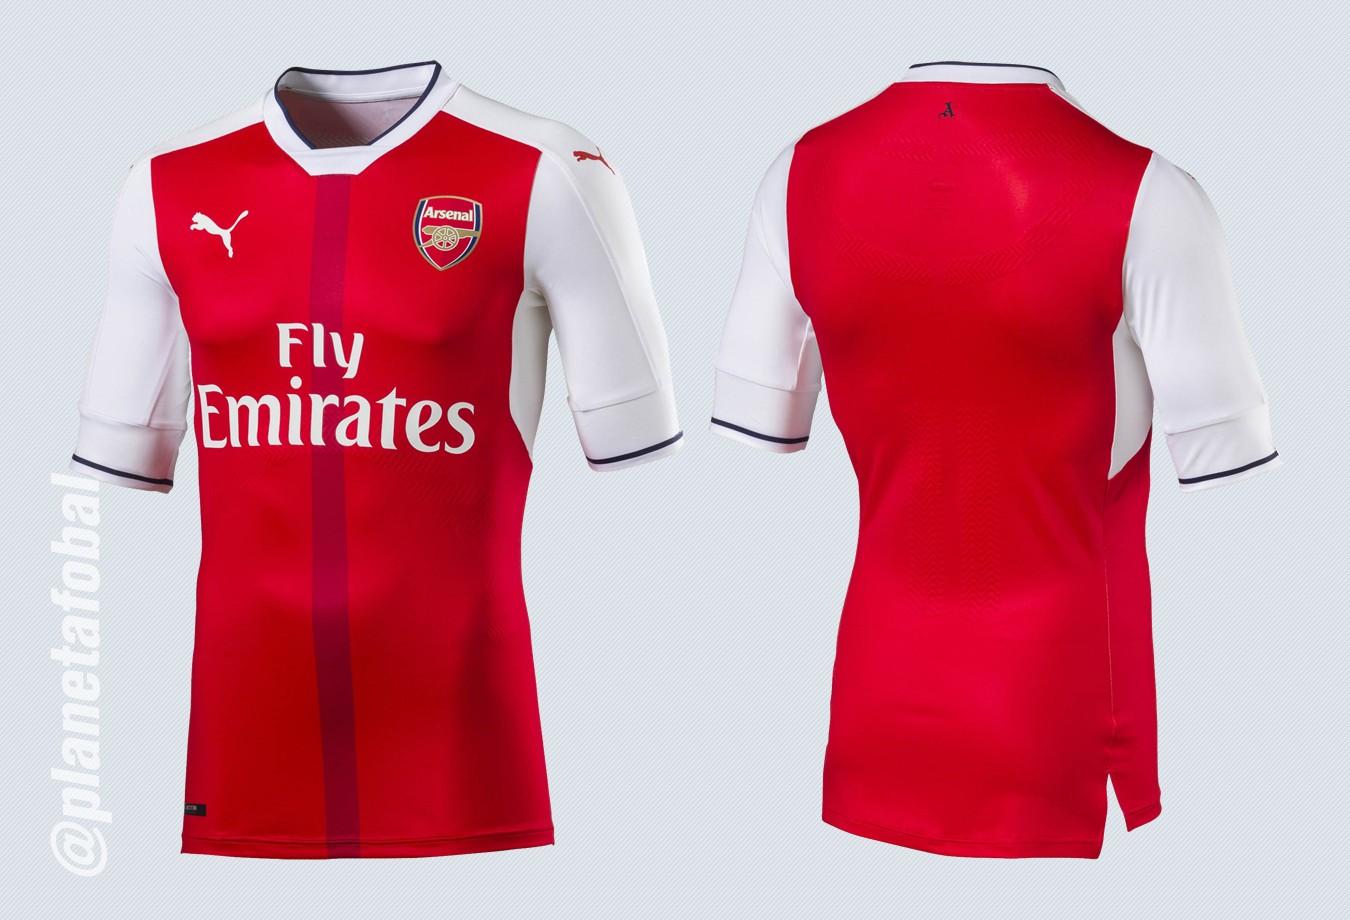 Nueva camiseta del Arsenal | Imágenes Puma